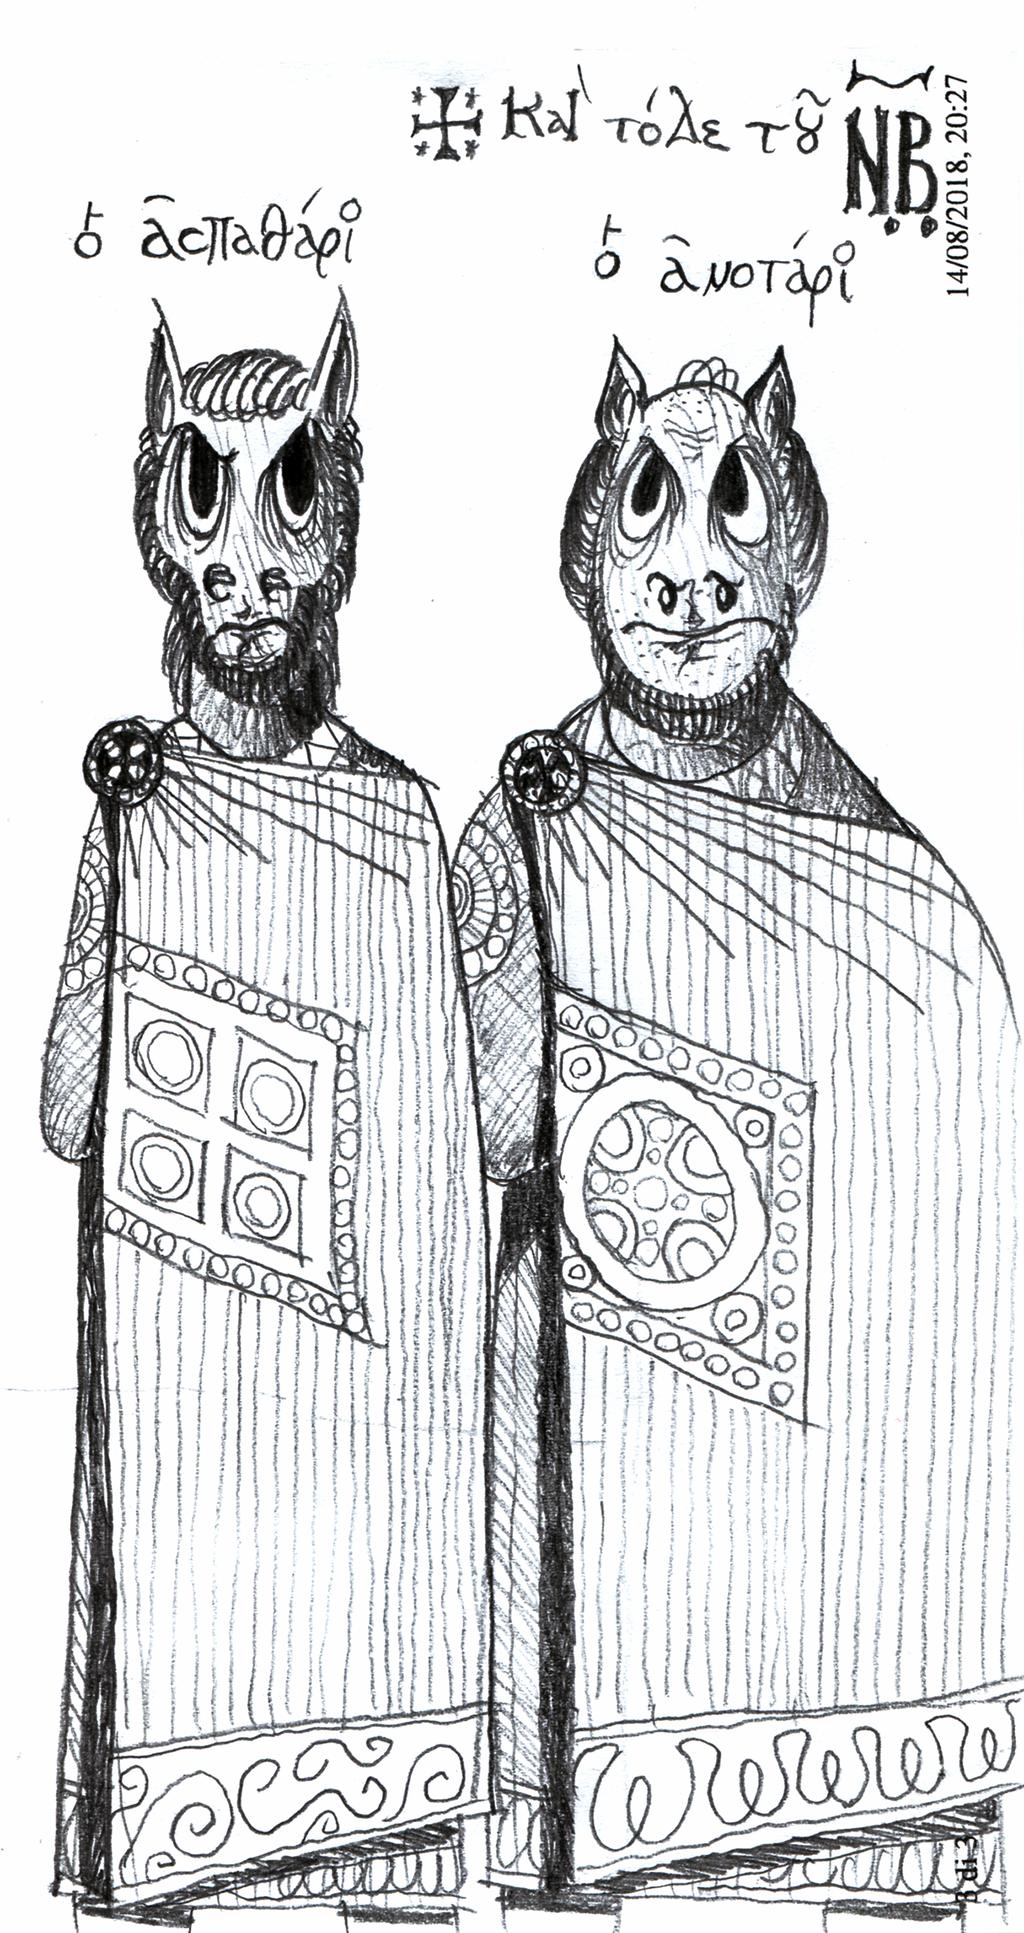 Two dignitaries